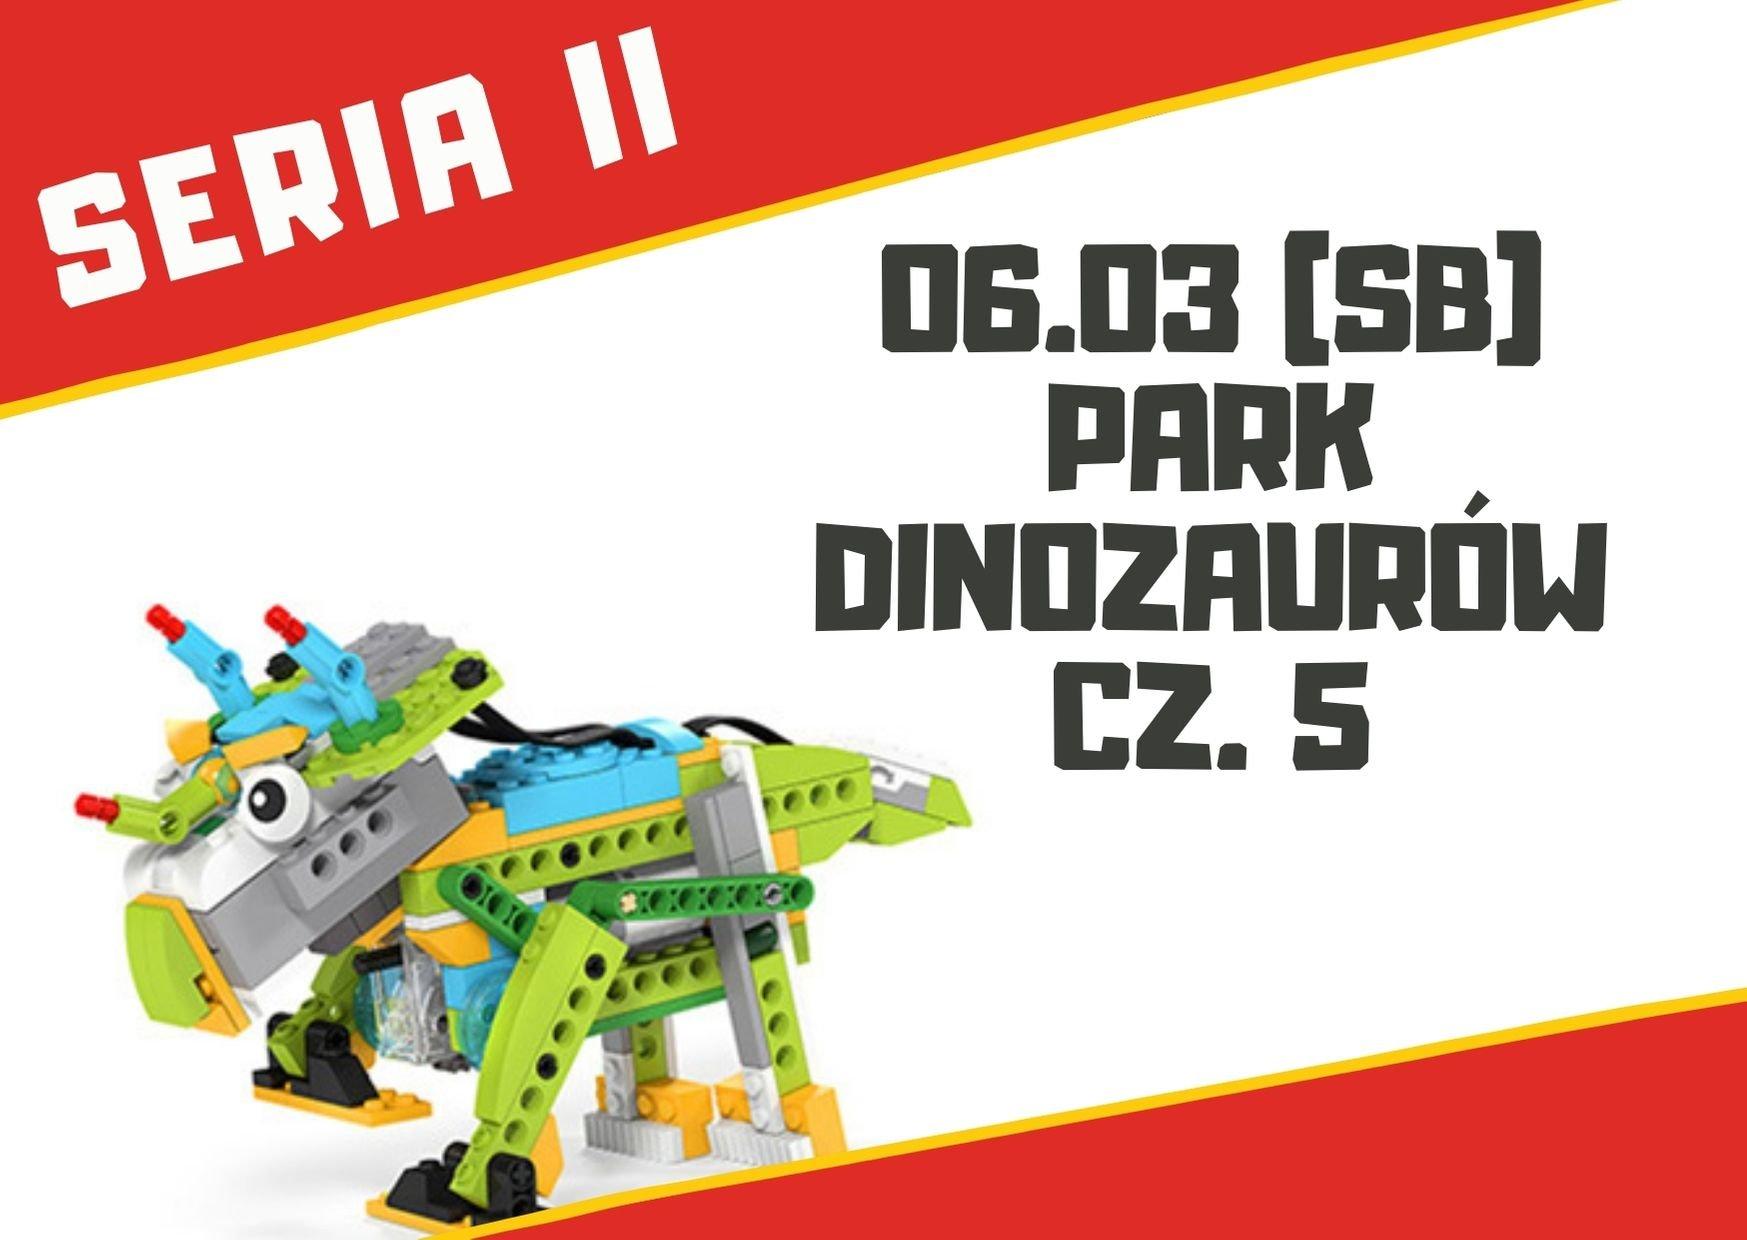 Park Dinozaurów cz. 5 - warsztaty robotyki dla dzieci 7+ lat